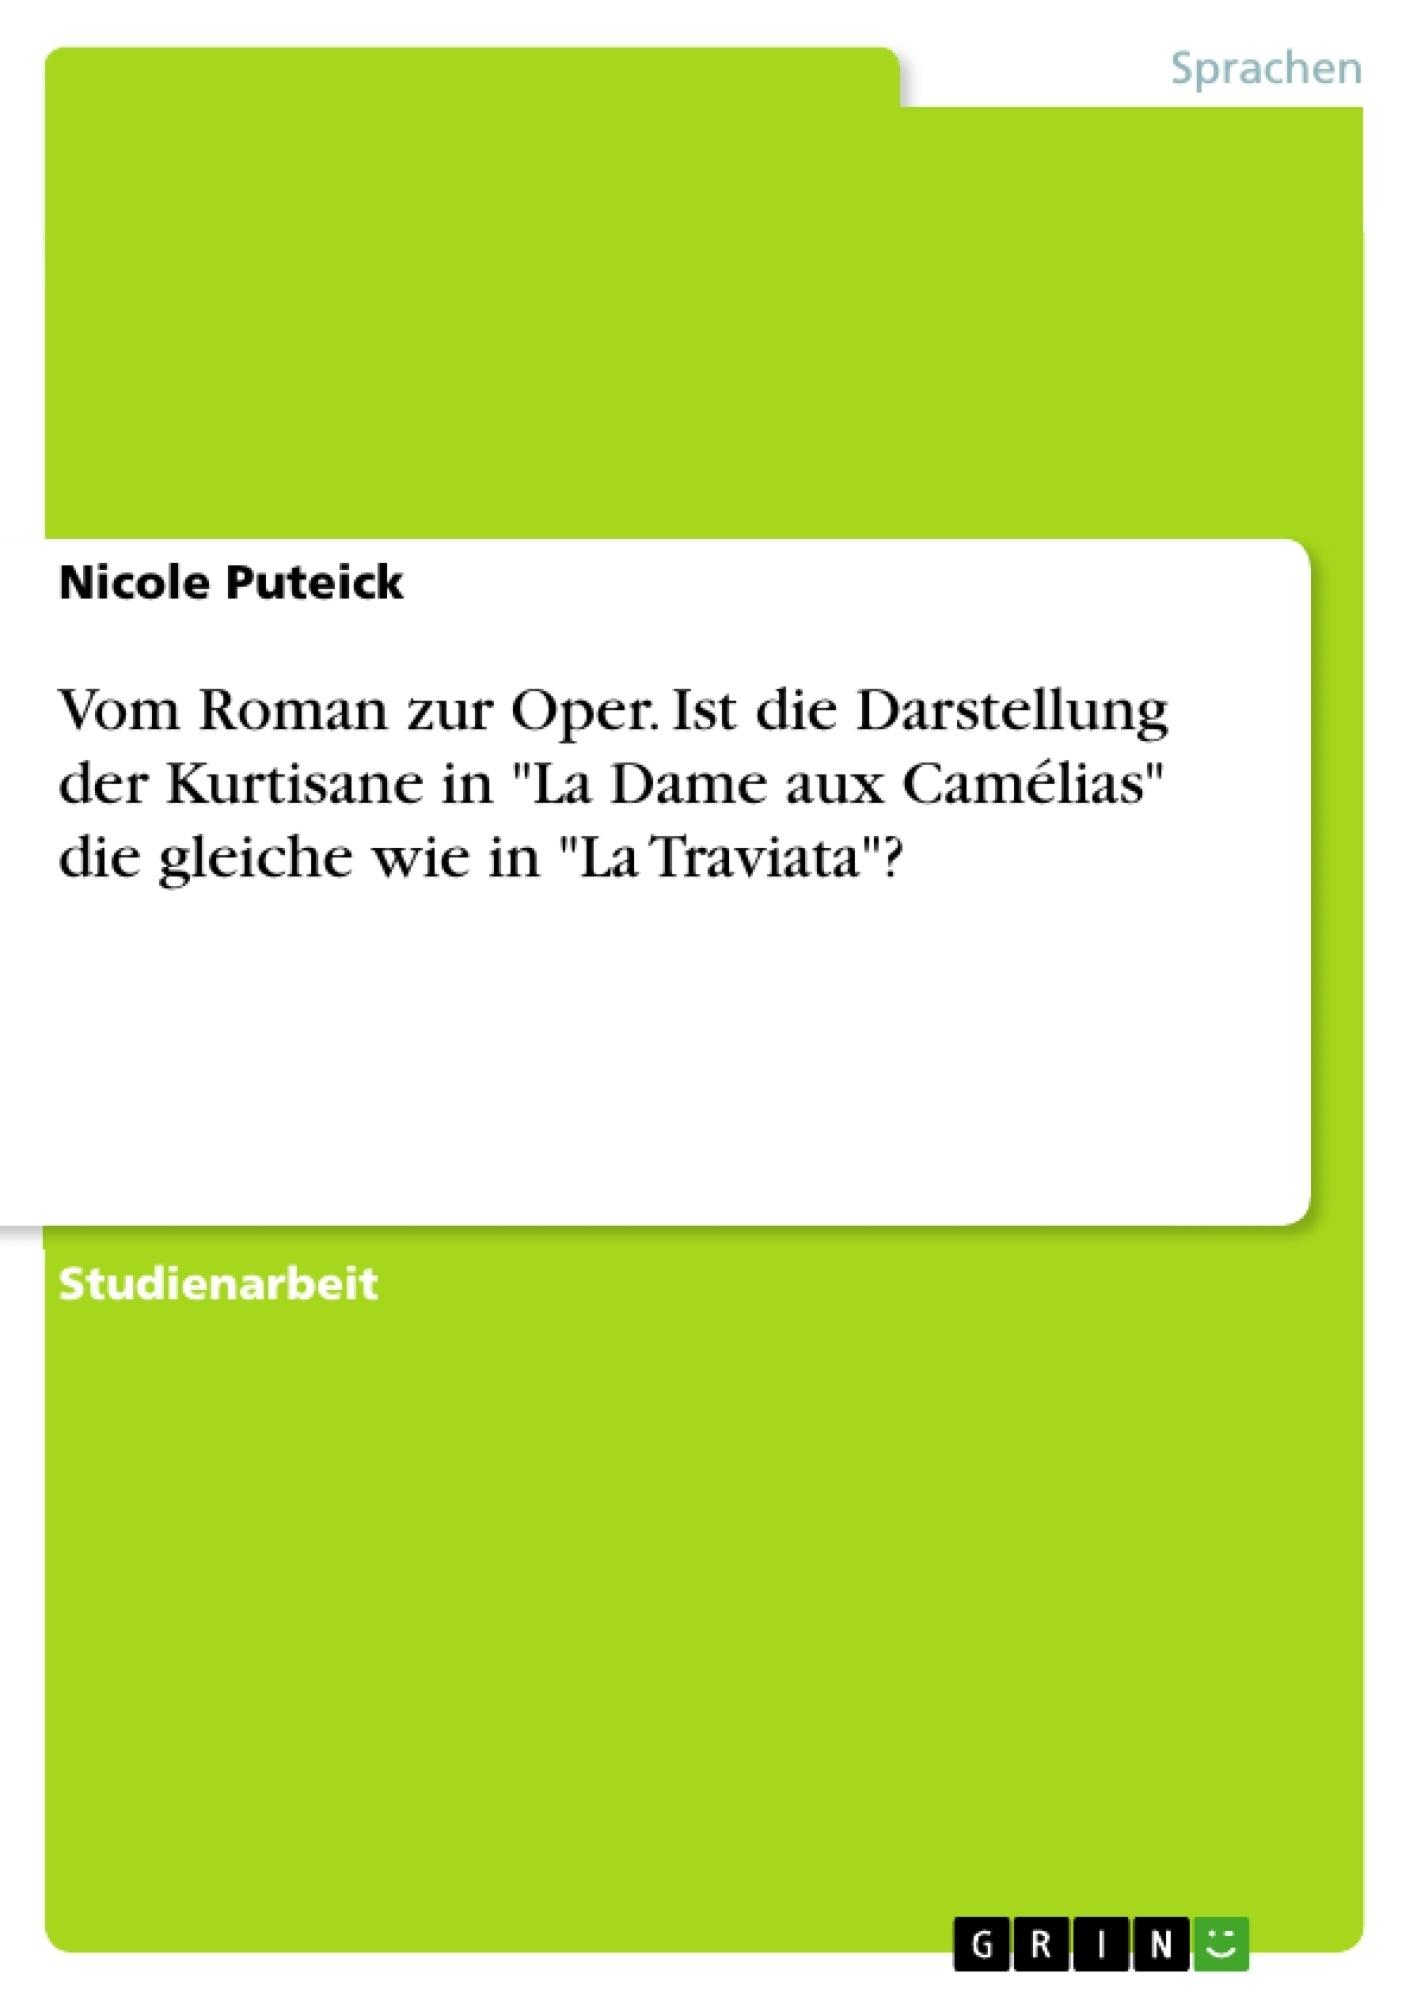 """Titel: Vom Roman zur Oper. Ist die Darstellung der Kurtisane in """"La Dame aux Camélias"""" die gleiche wie in """"La Traviata""""?"""